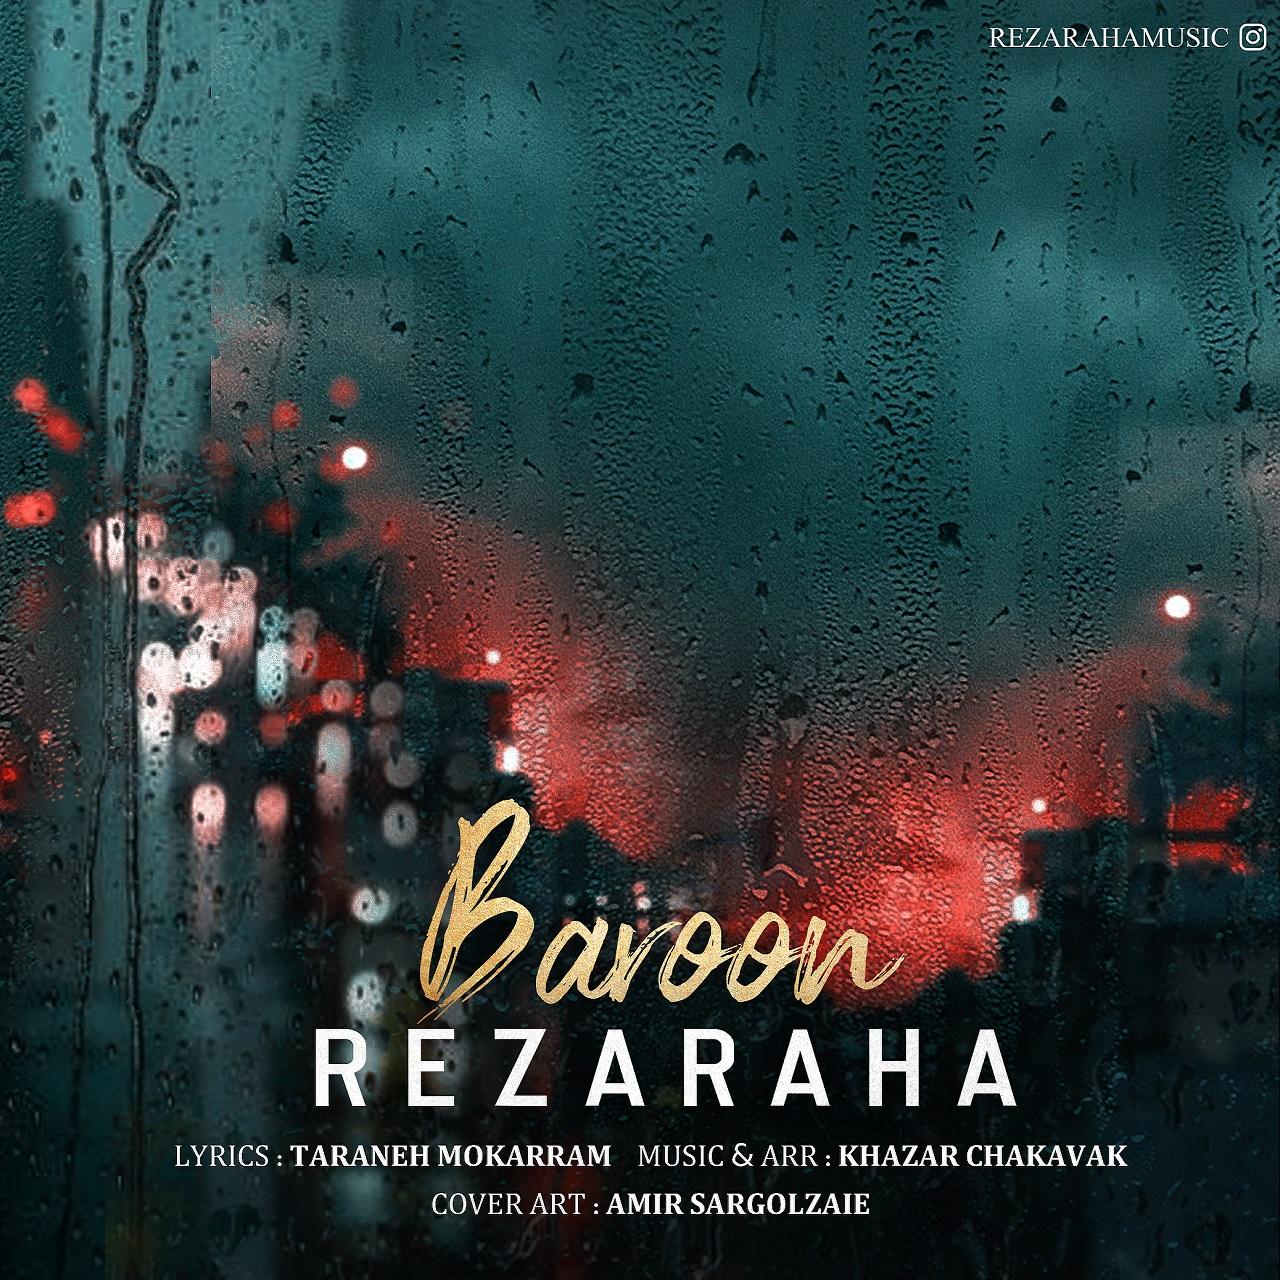 Reza Raha – Baroon